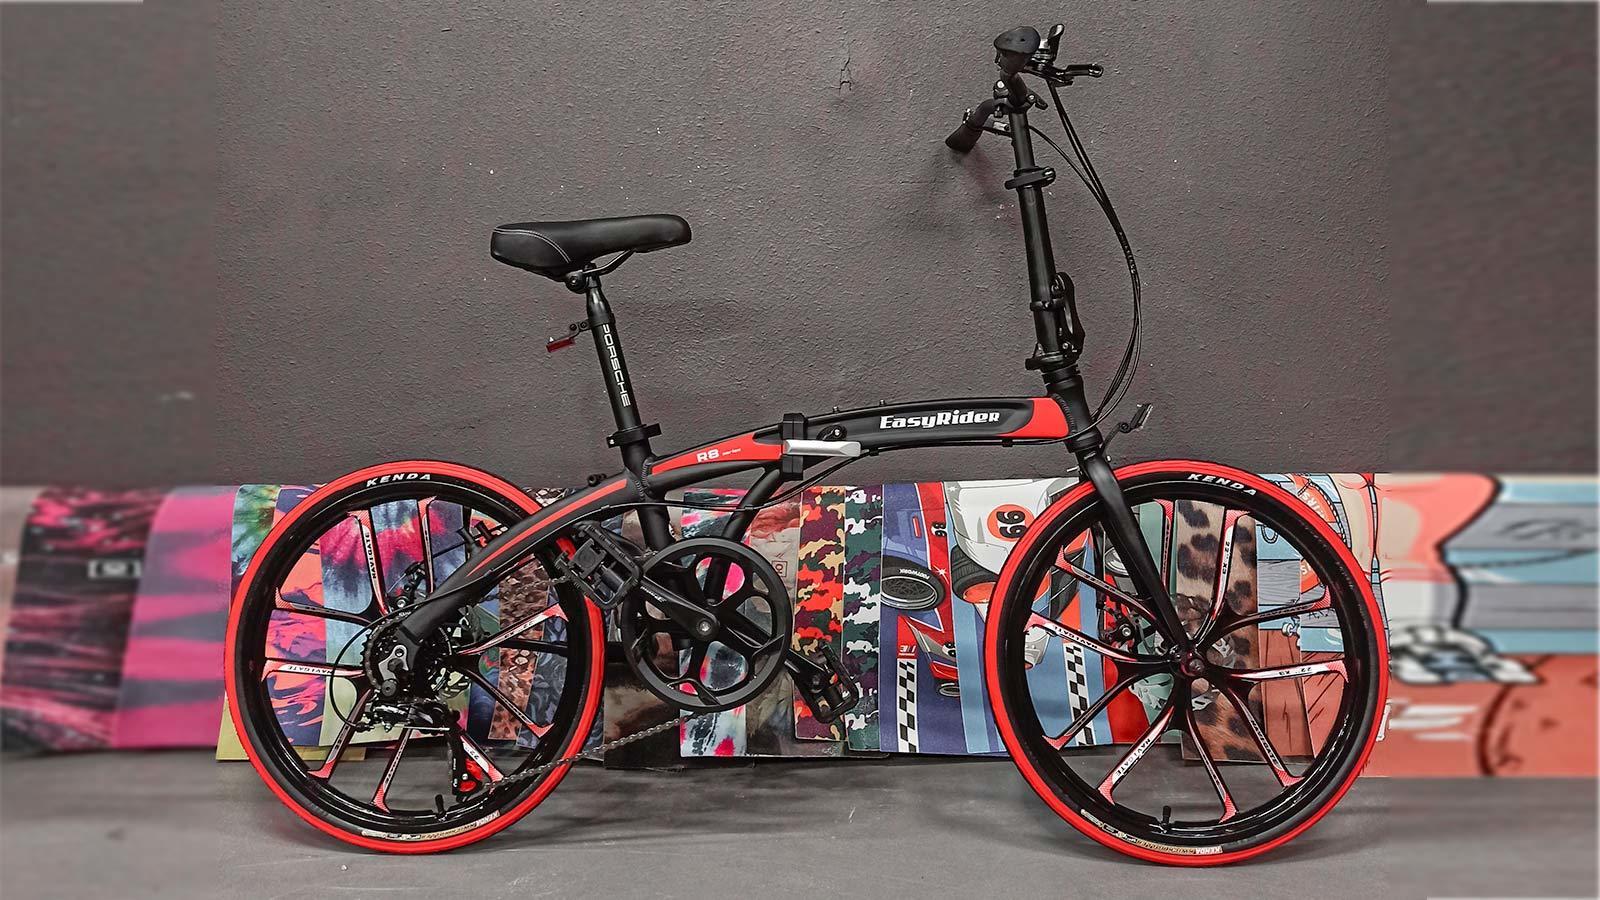 складной велосипед Easyrider smart 20